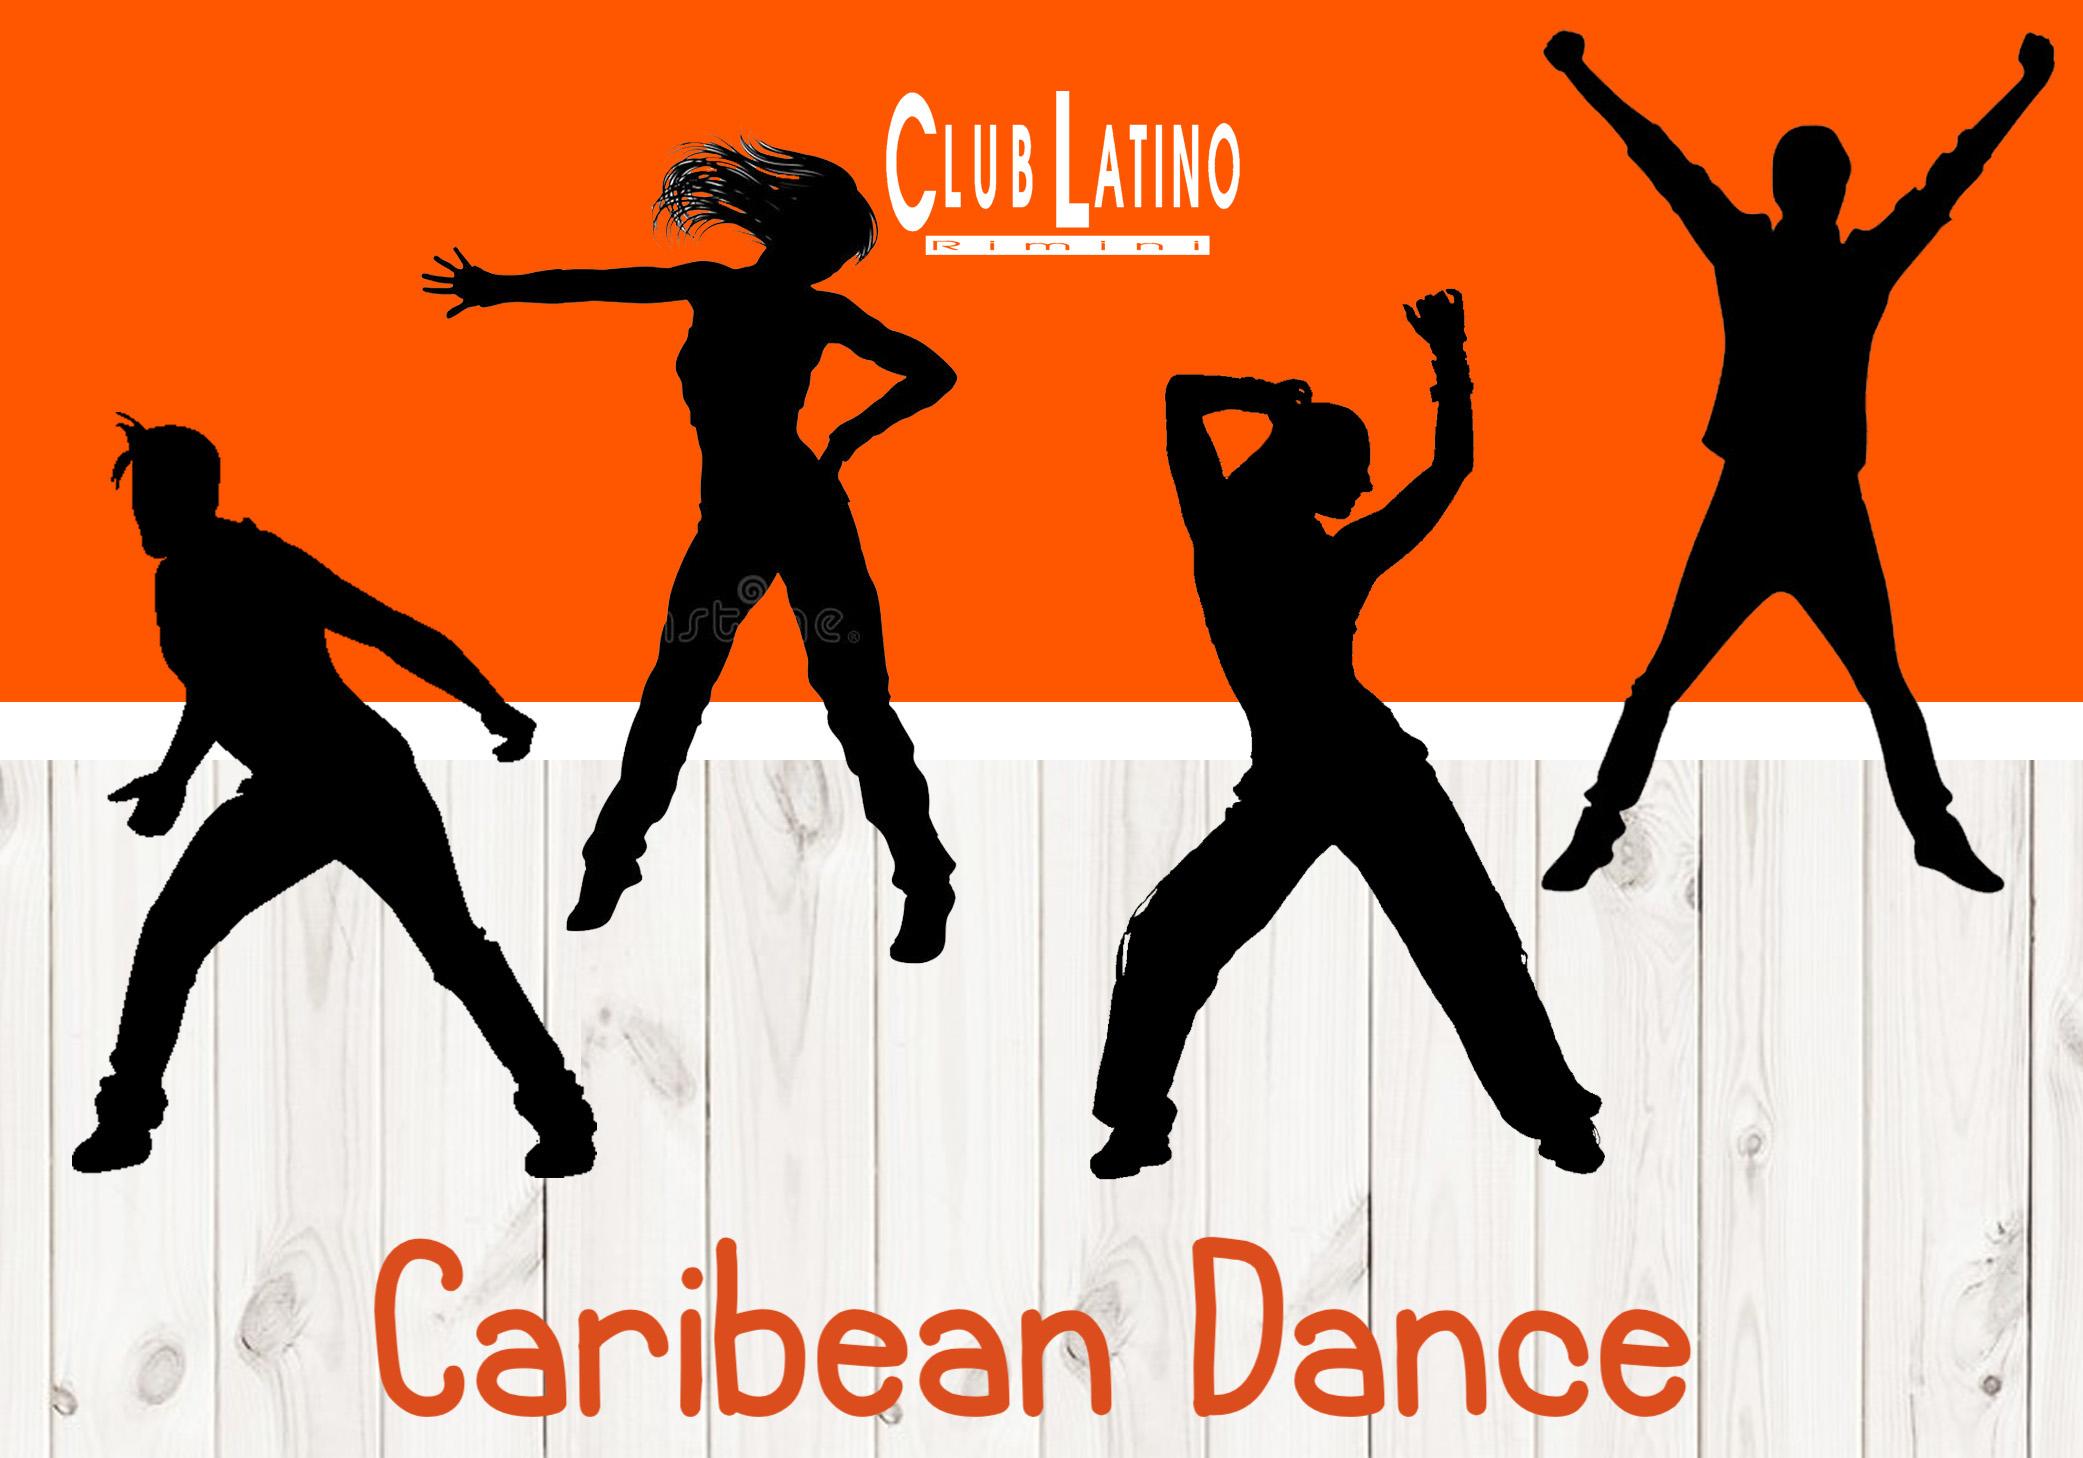 Caribean Dance